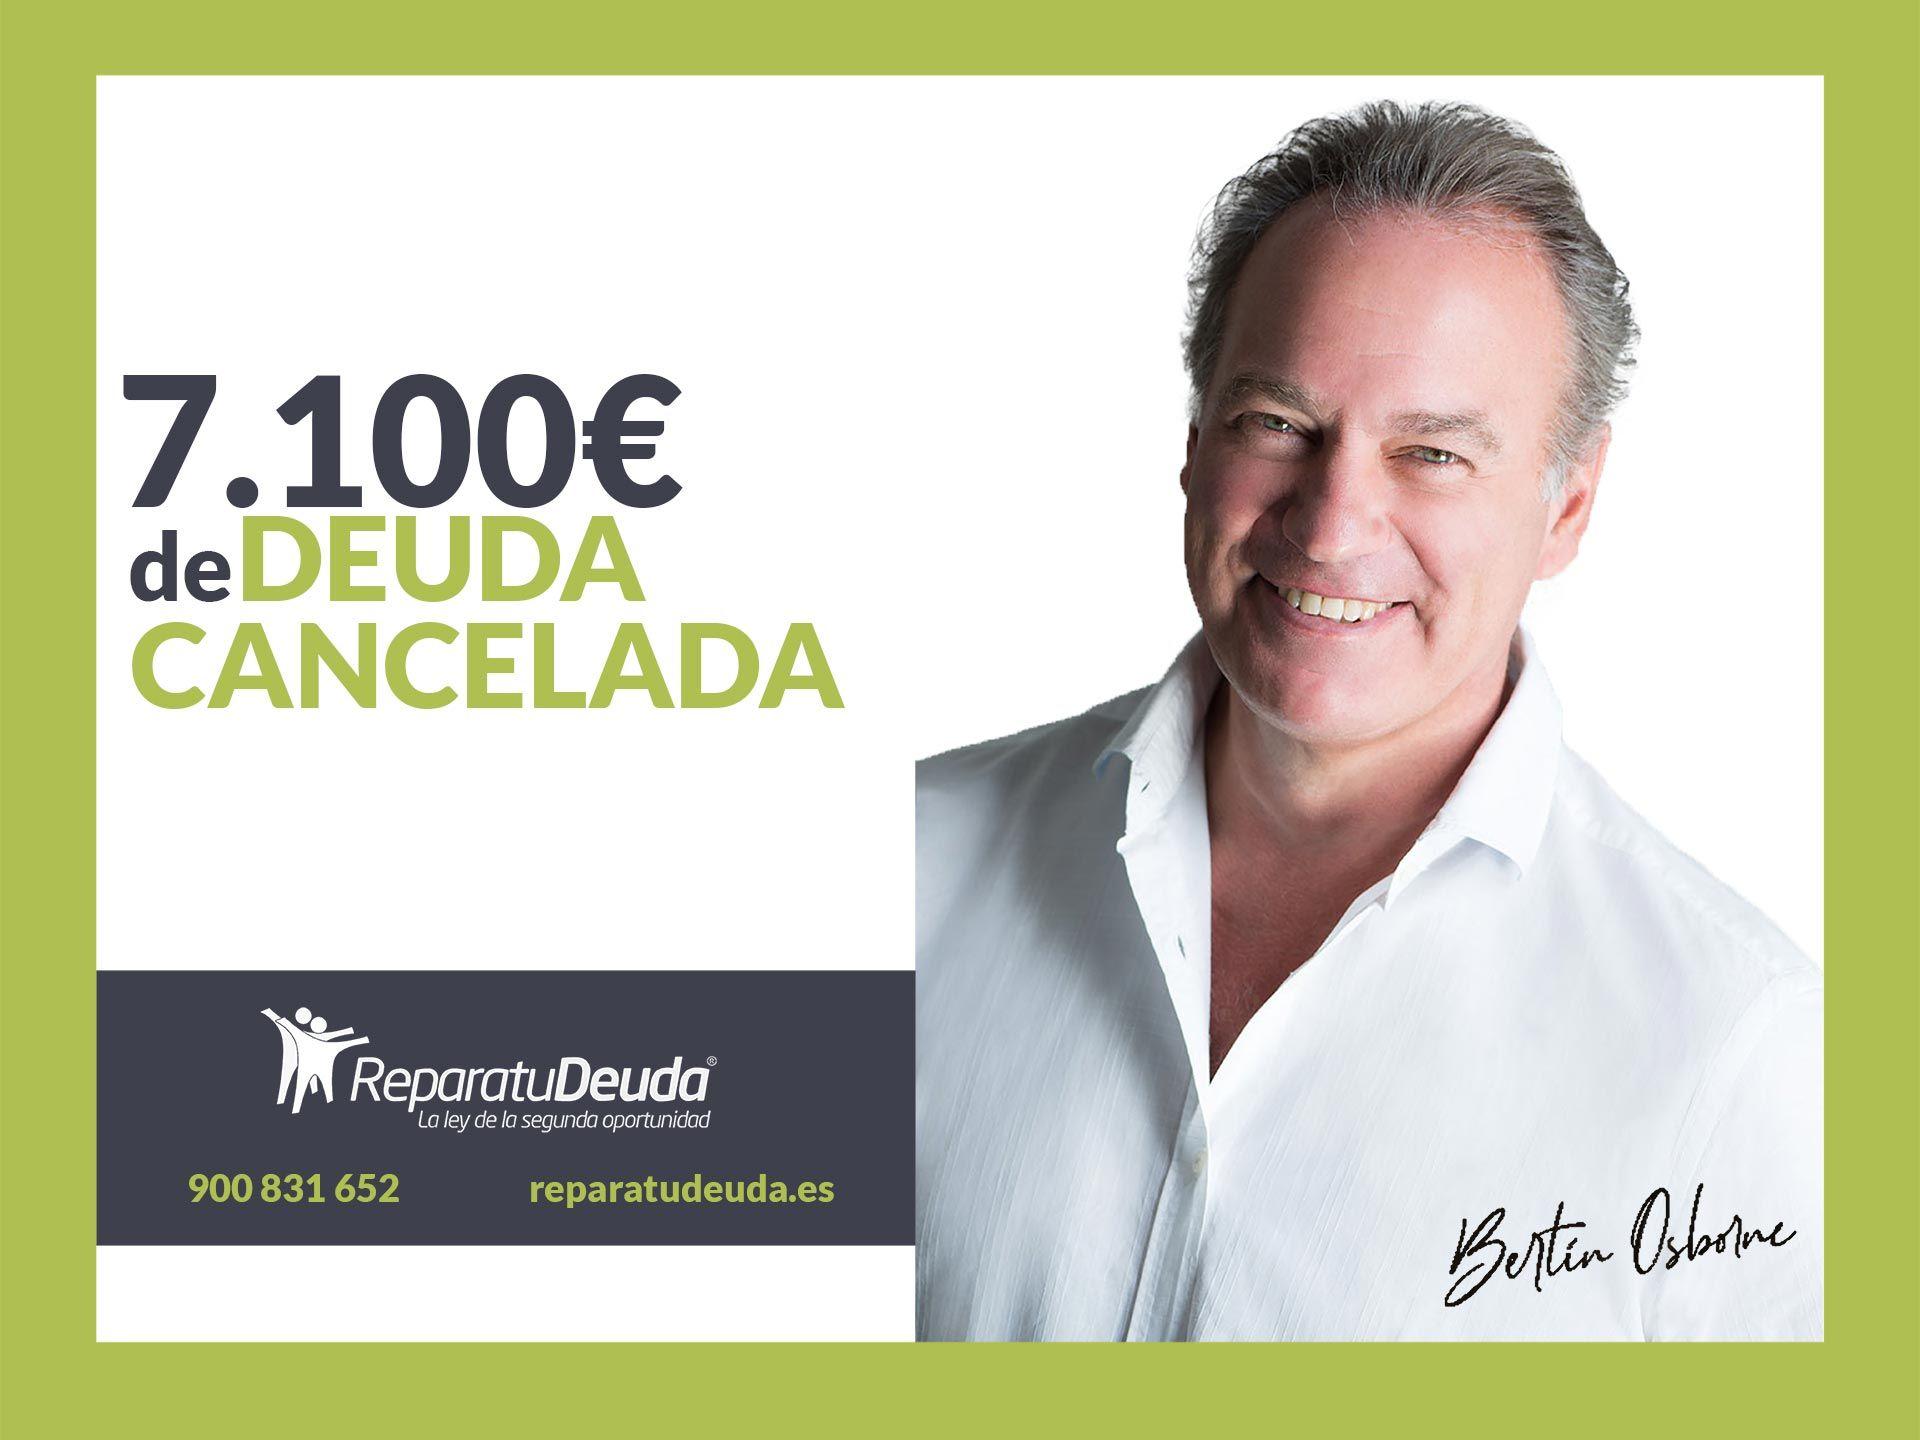 Repara tu Deuda Abogados cancela 7.100 ? en Lorca (Murcia) con la Ley de la Segunda Oportunidad